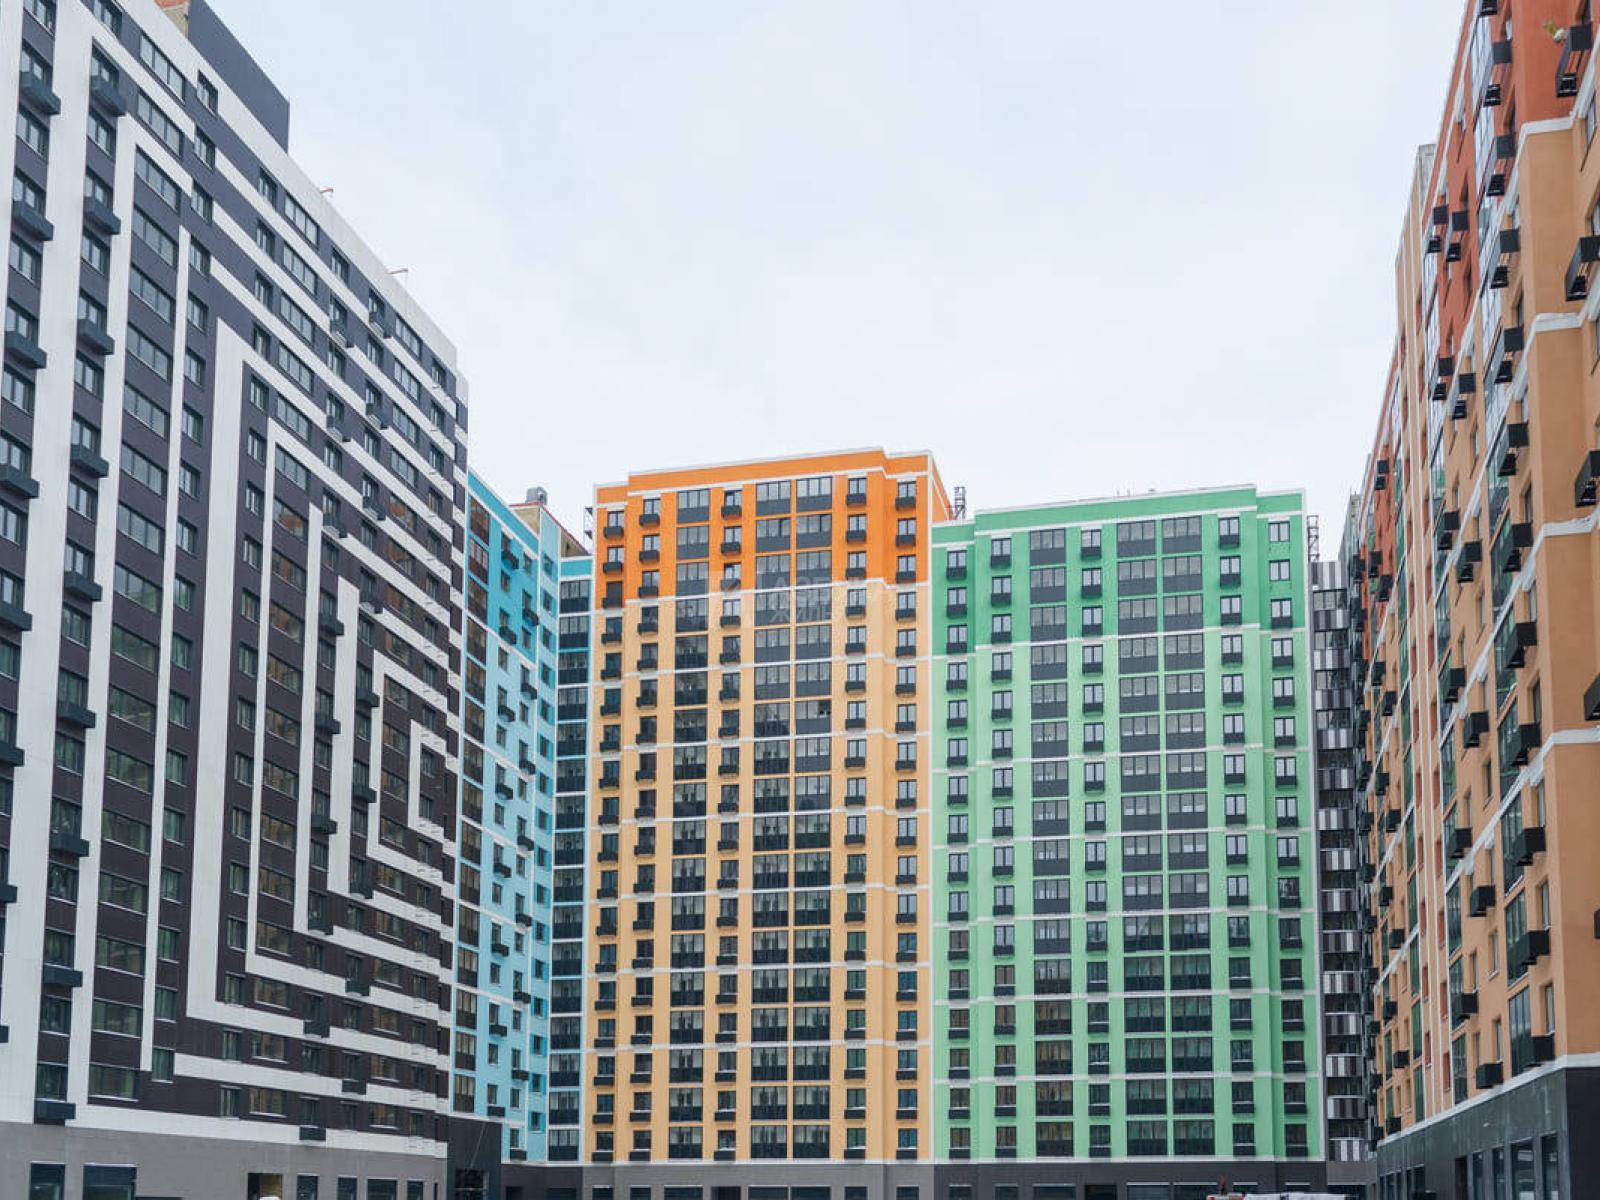 Фото №2 - 1-комнатная квартира, Москва, Производственная улица 6 корпус 9, метро Солнцево